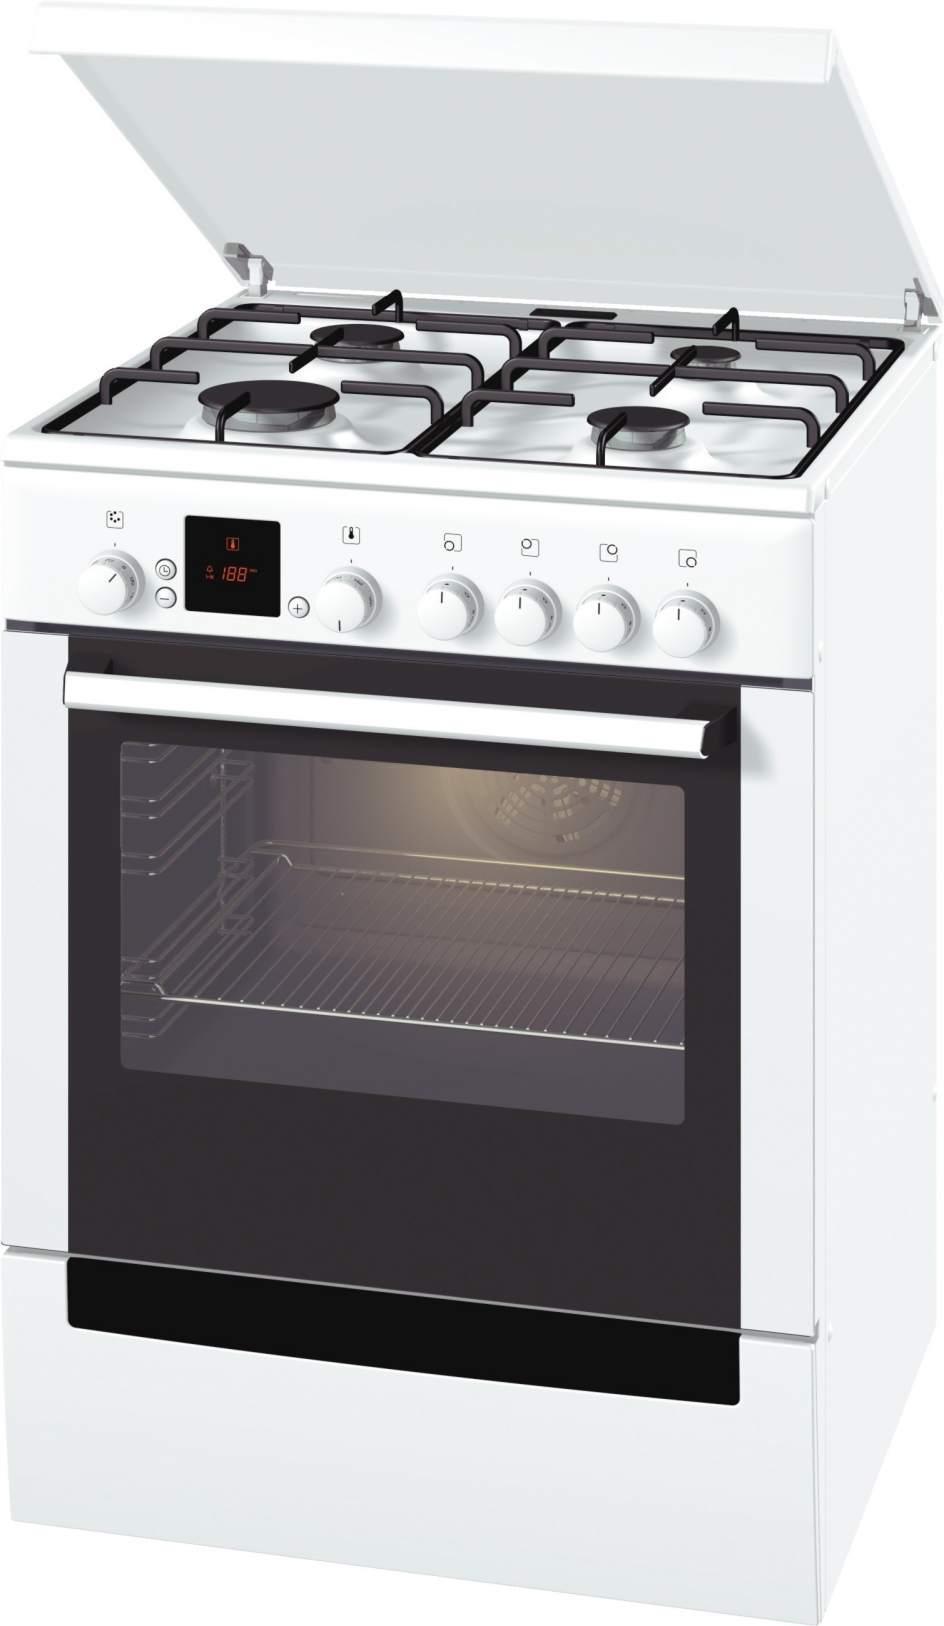 Balay bosch y siemens alertan de un riesgo potencial de explosi n en sus cocinas independientes - Cocina gas balay ...